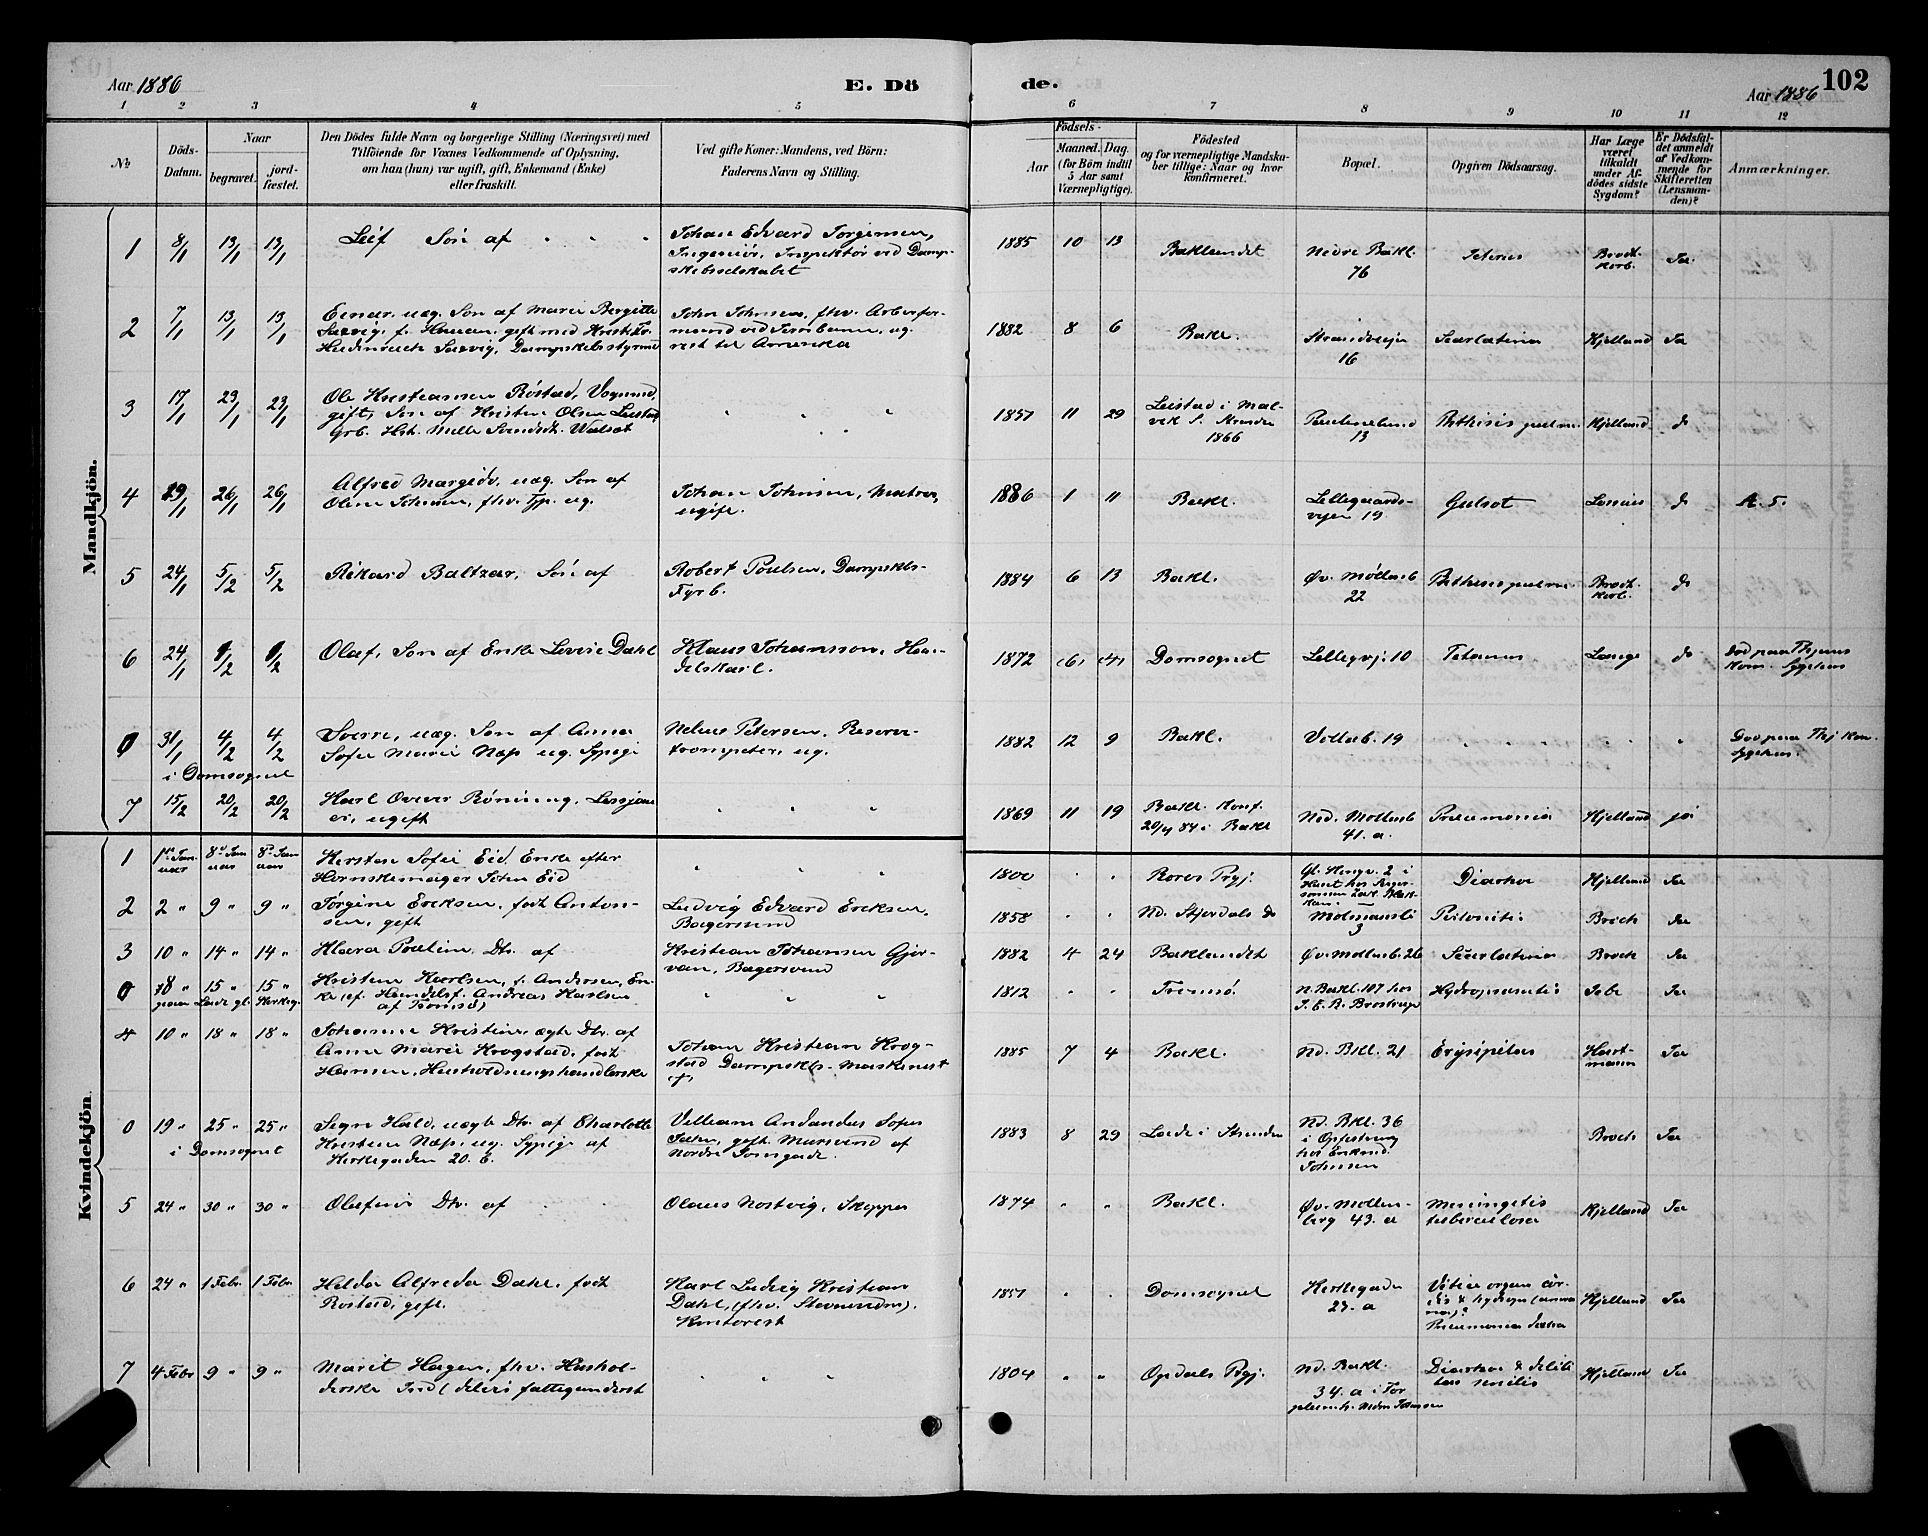 SAT, Ministerialprotokoller, klokkerbøker og fødselsregistre - Sør-Trøndelag, 604/L0223: Klokkerbok nr. 604C06, 1886-1897, s. 102